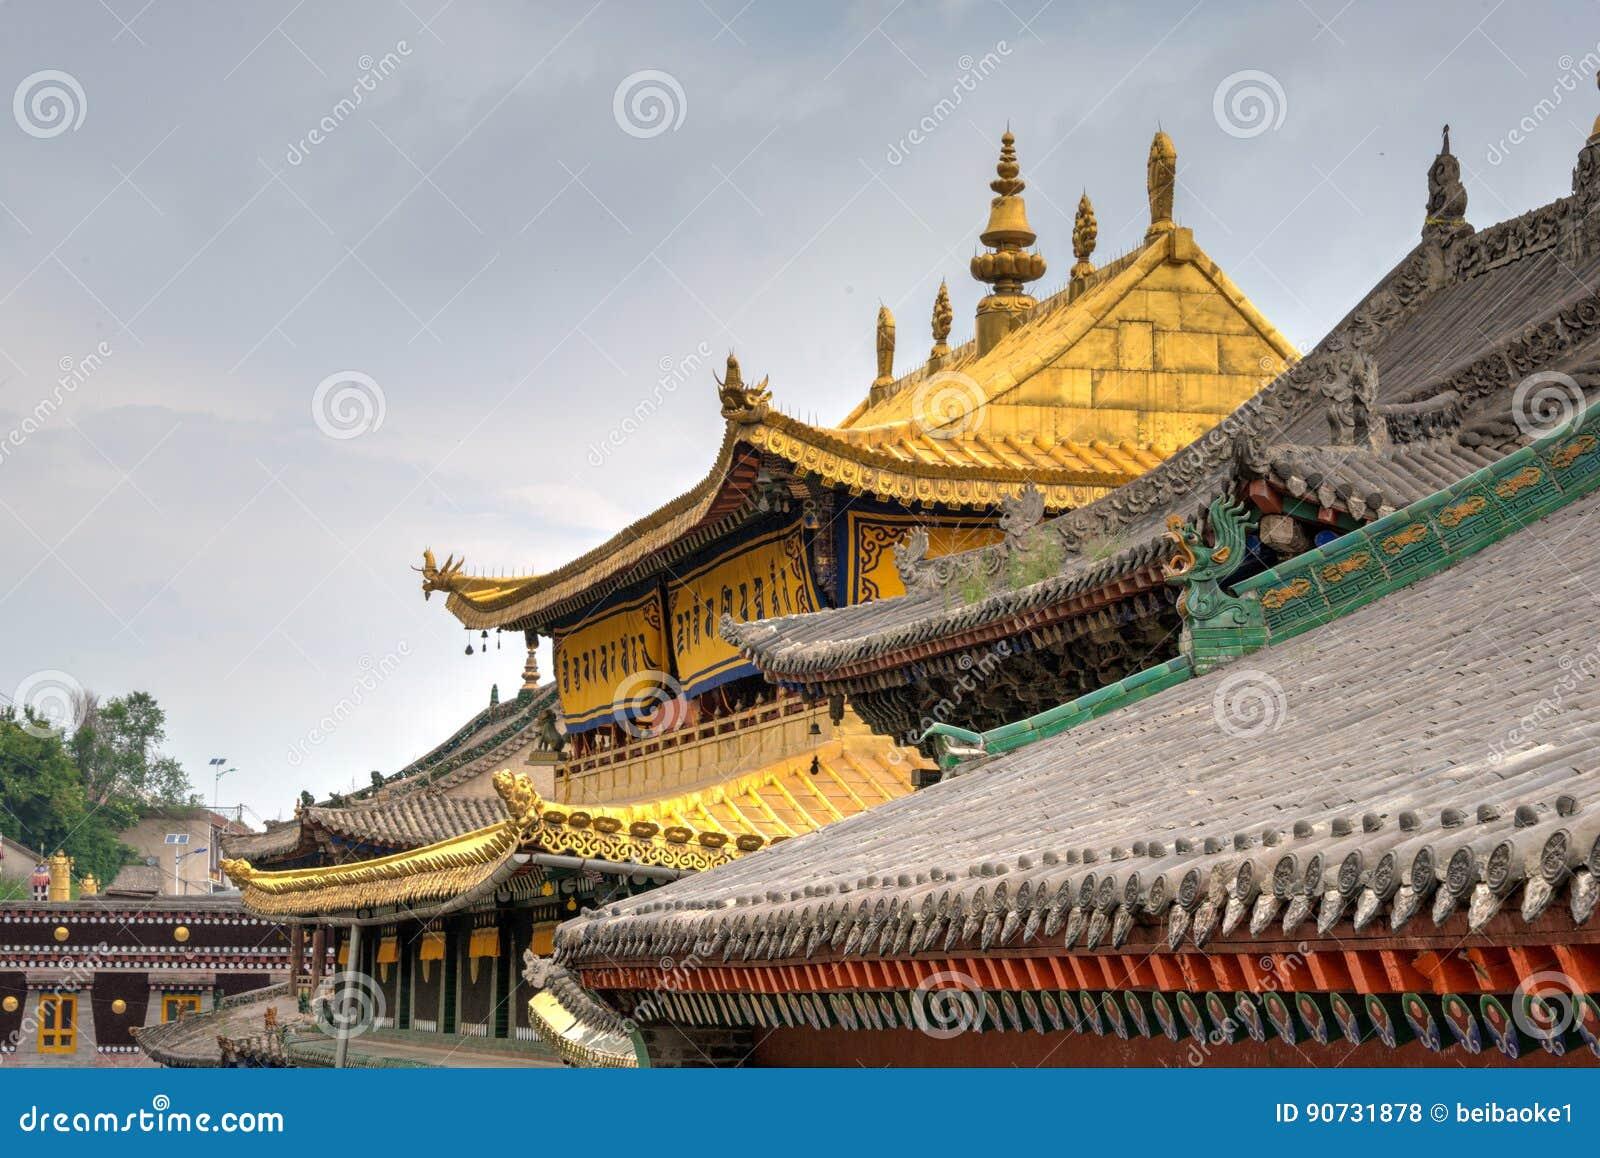 XINING, CHINA - Jun 30 2014: Kumbumklooster een beroemd oriëntatiepunt